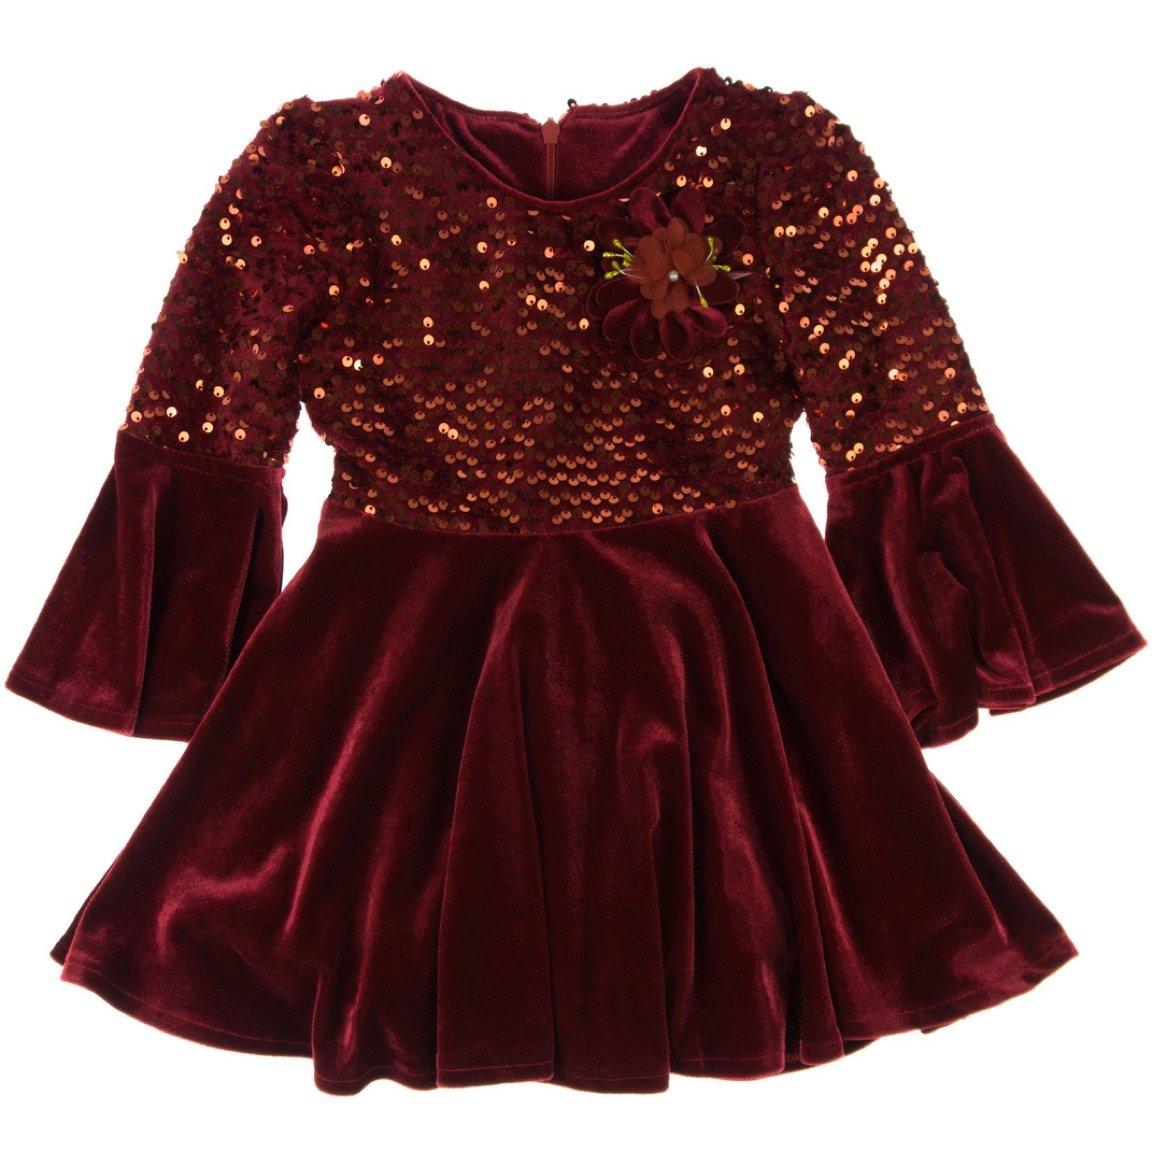 Obella παιδικό αμπιγιέ φόρεμα «Red Velvet & Ribbon»